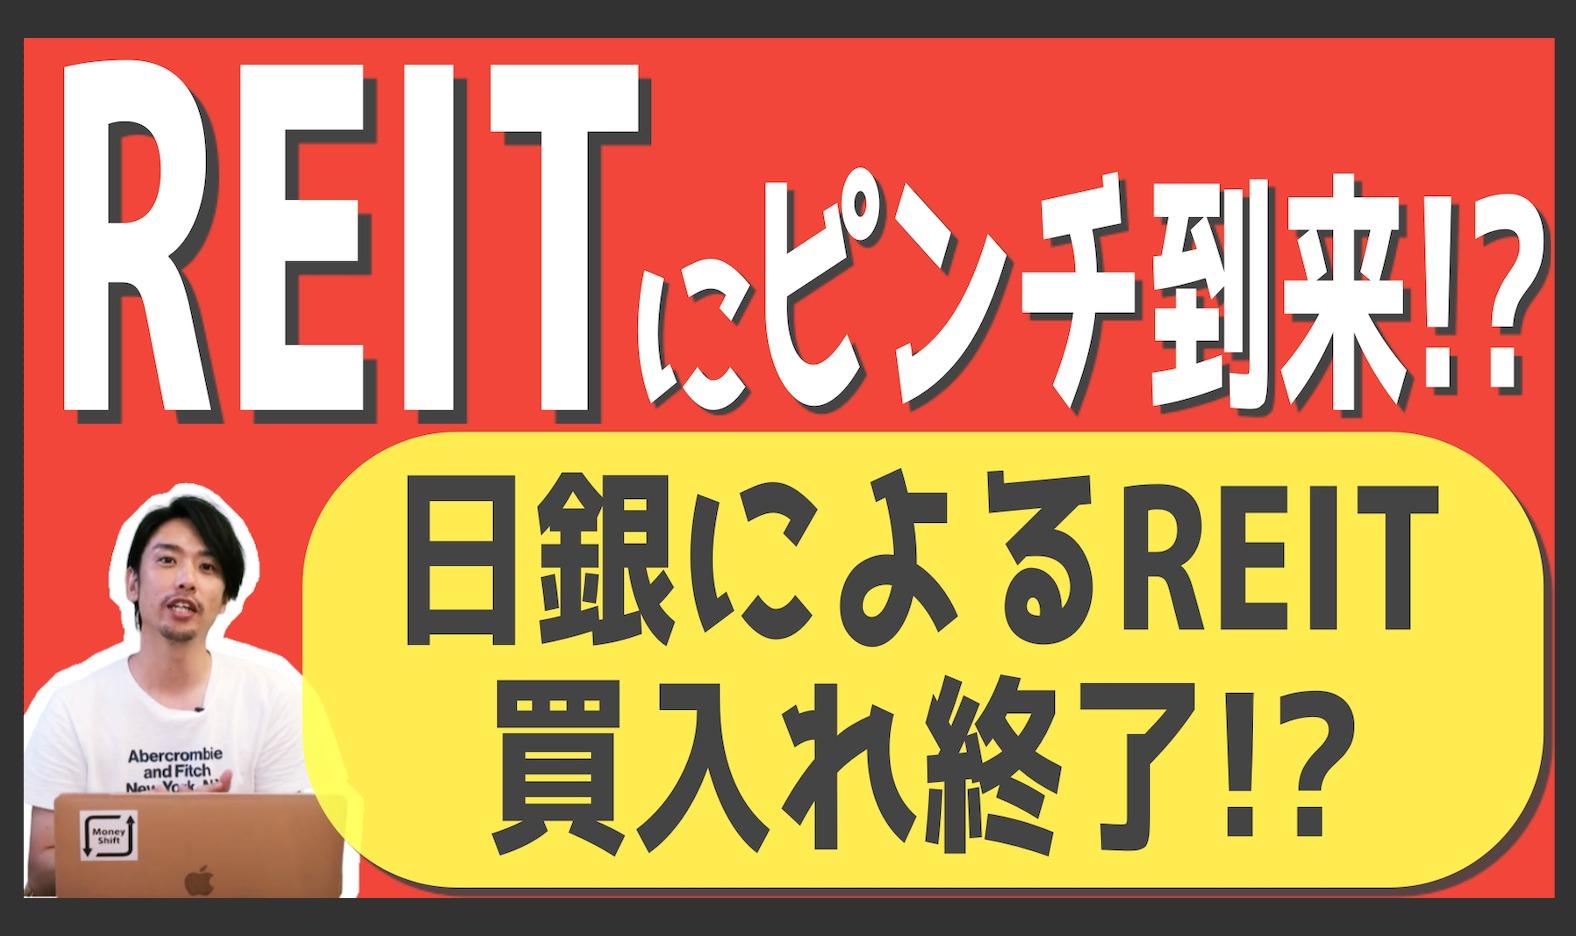 【資産運用】REITにピンチ到来!?日銀の買入額を見てみよう!